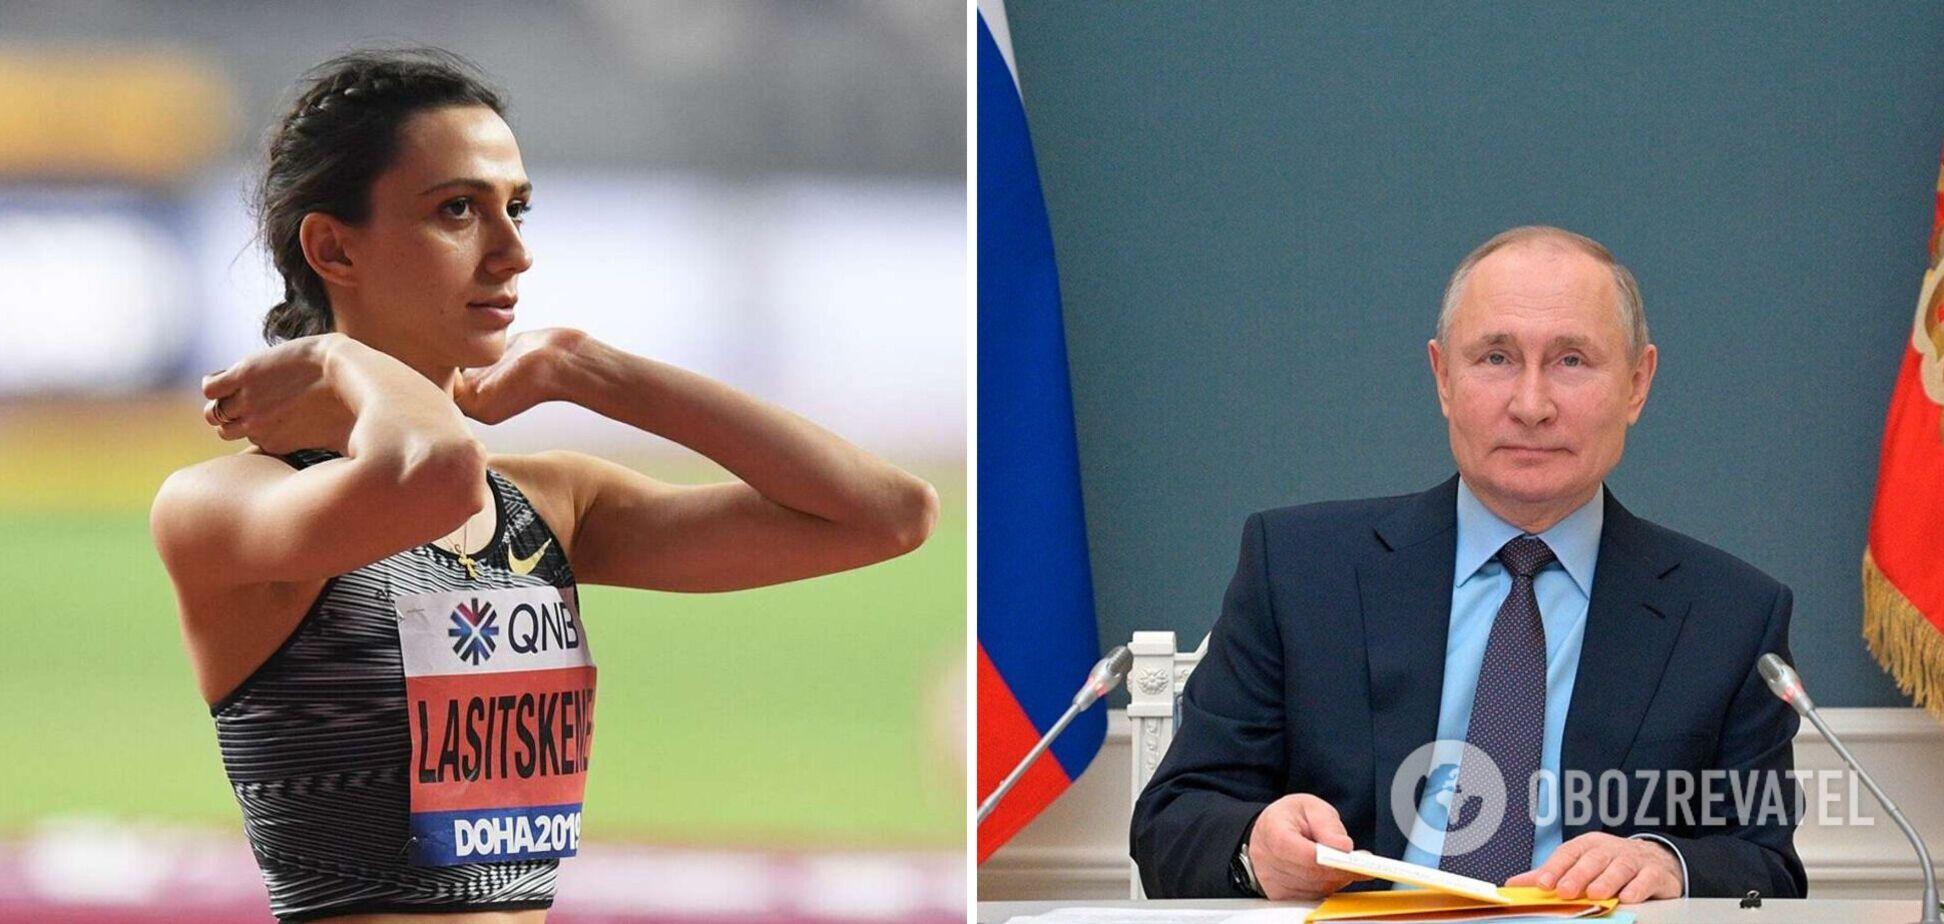 Ласицкене отказалась от встречи с Путиным